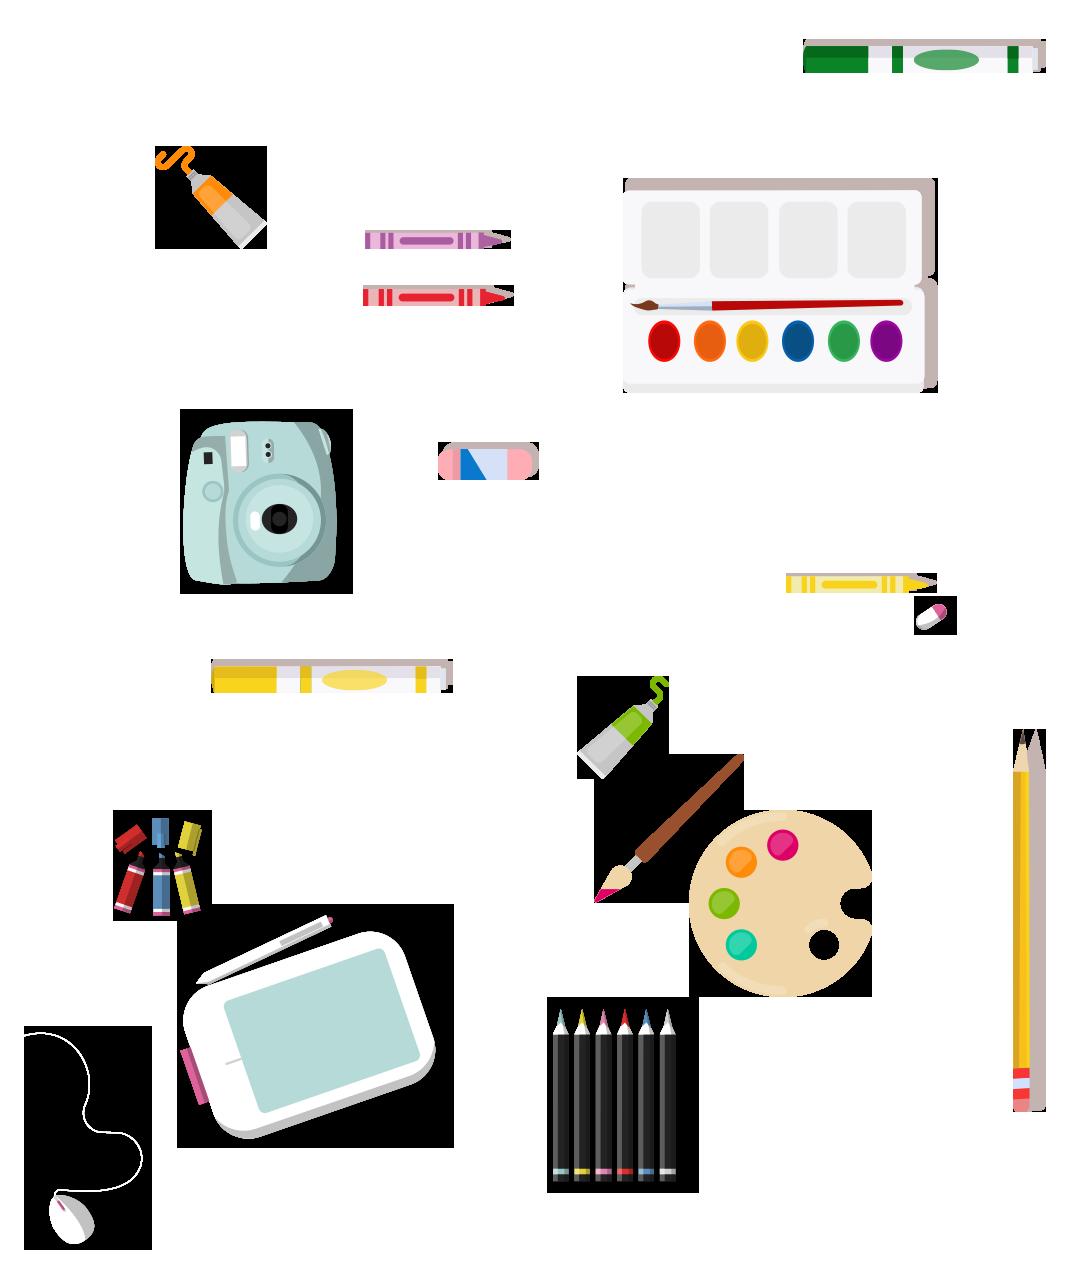 tools 1 - هنرهای تجسمی چیست؟